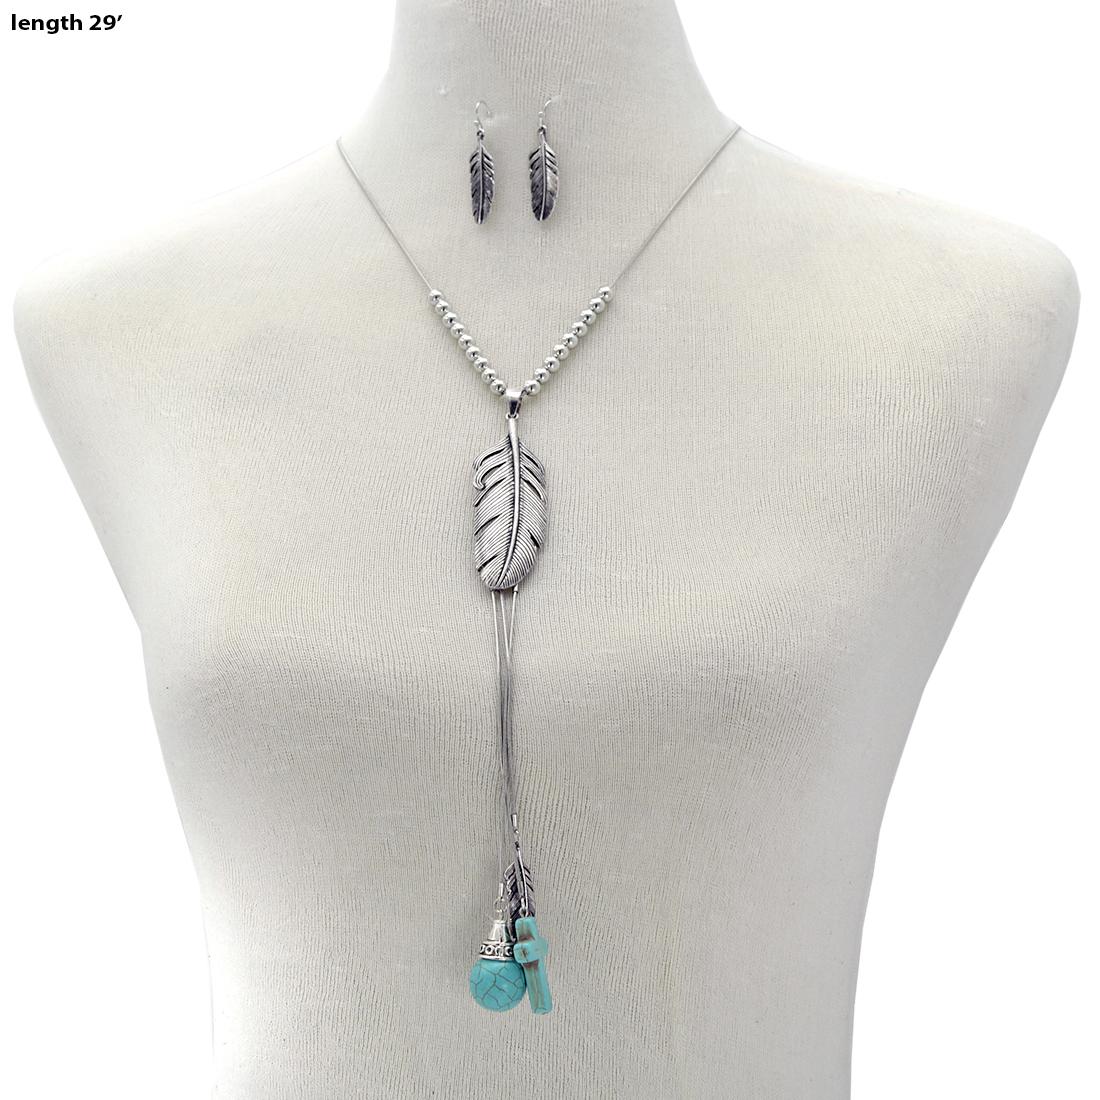 Turquoise Stone Necklace Set - 73729-2PC-Set WHOLESALE GENUINE TURQ STONE NECKLACE